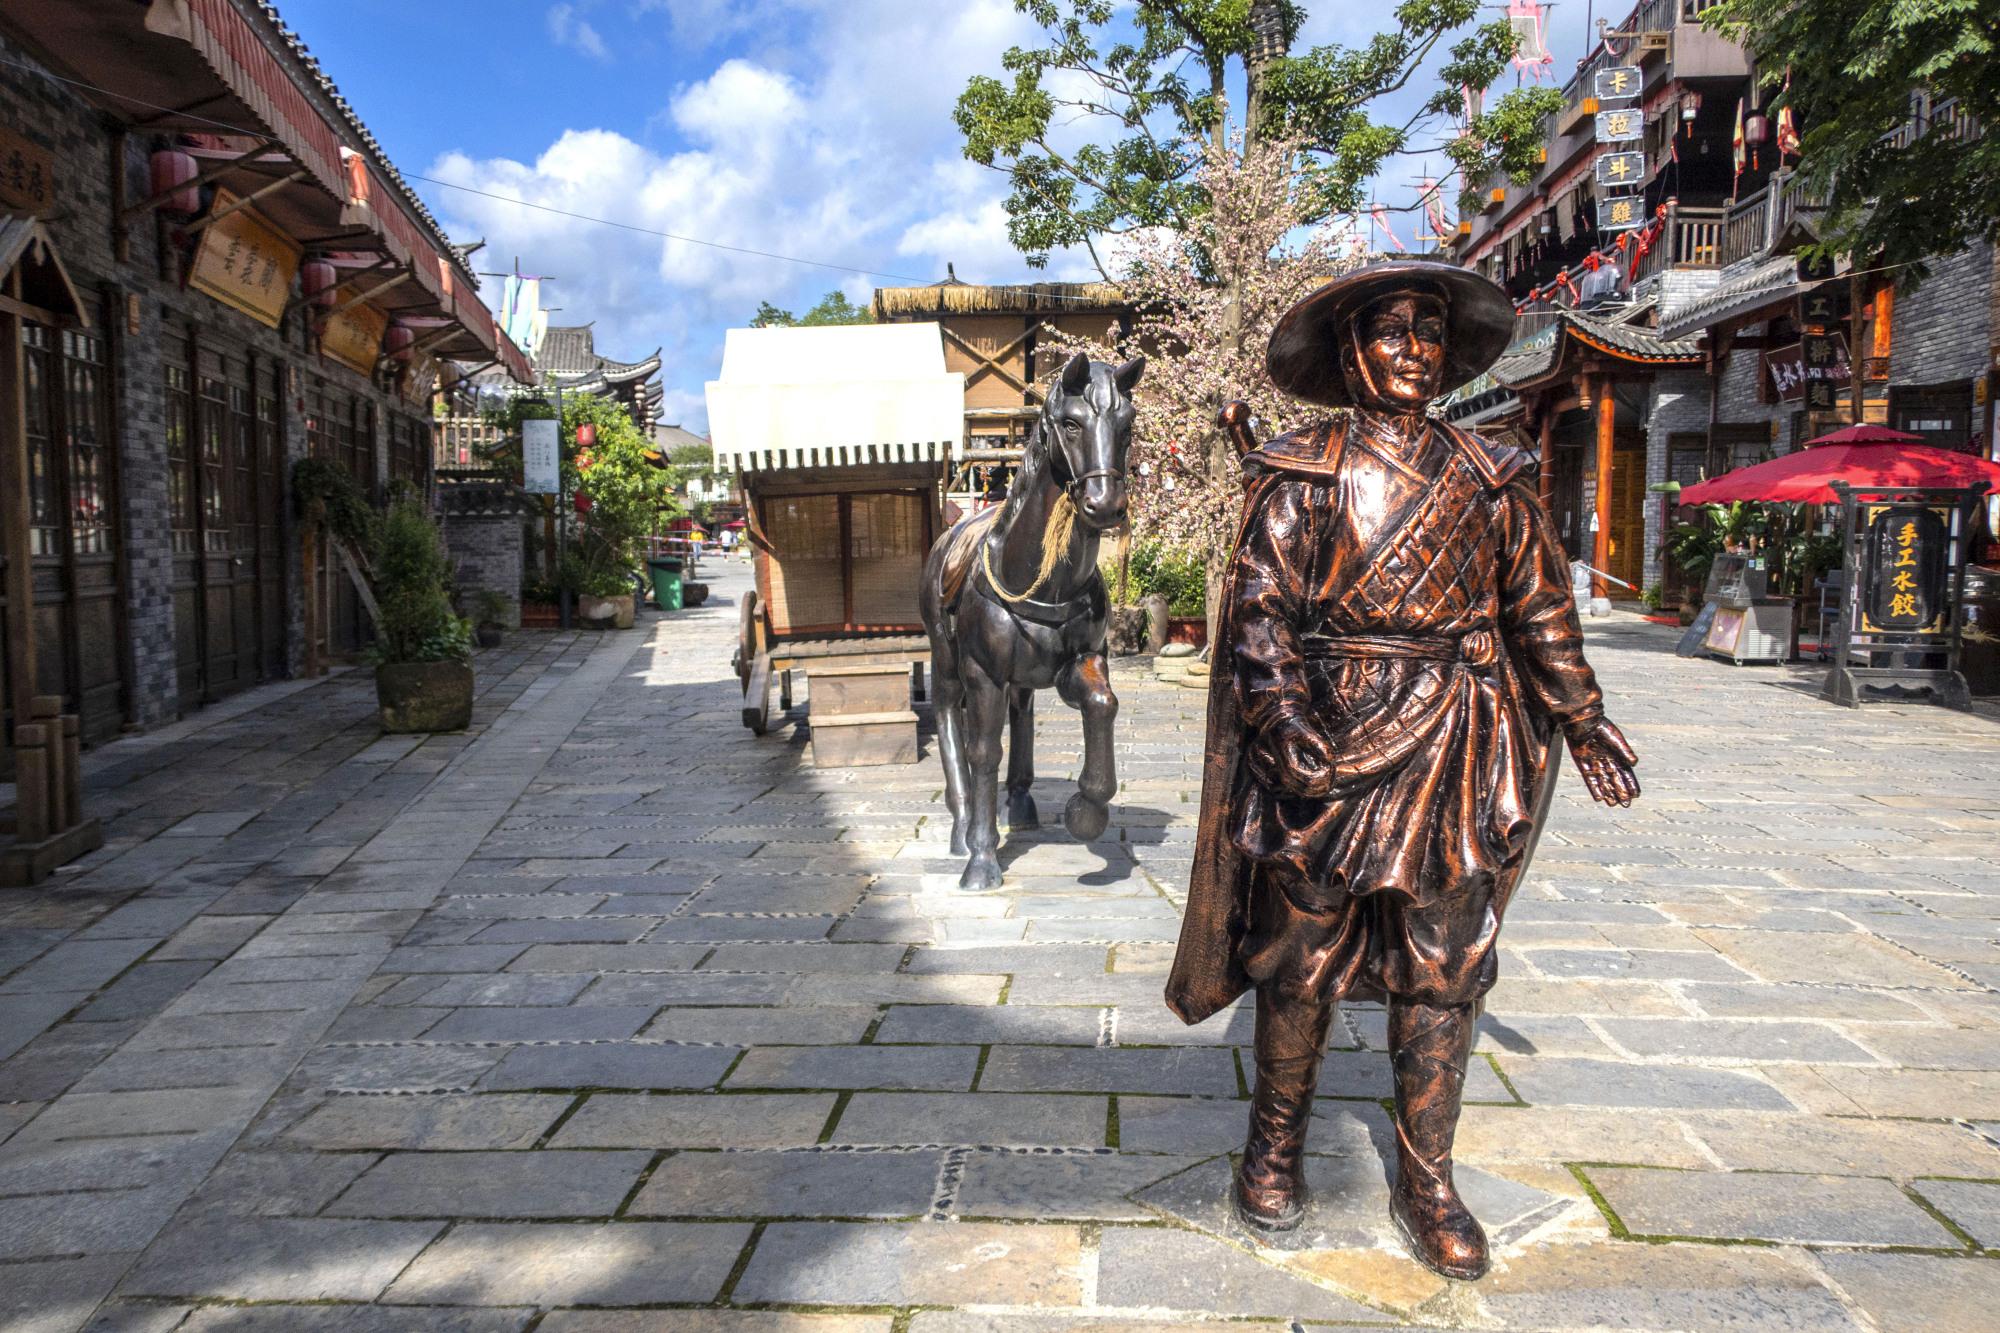 龙里龙门镇武侠文化旅游小镇:雕塑像